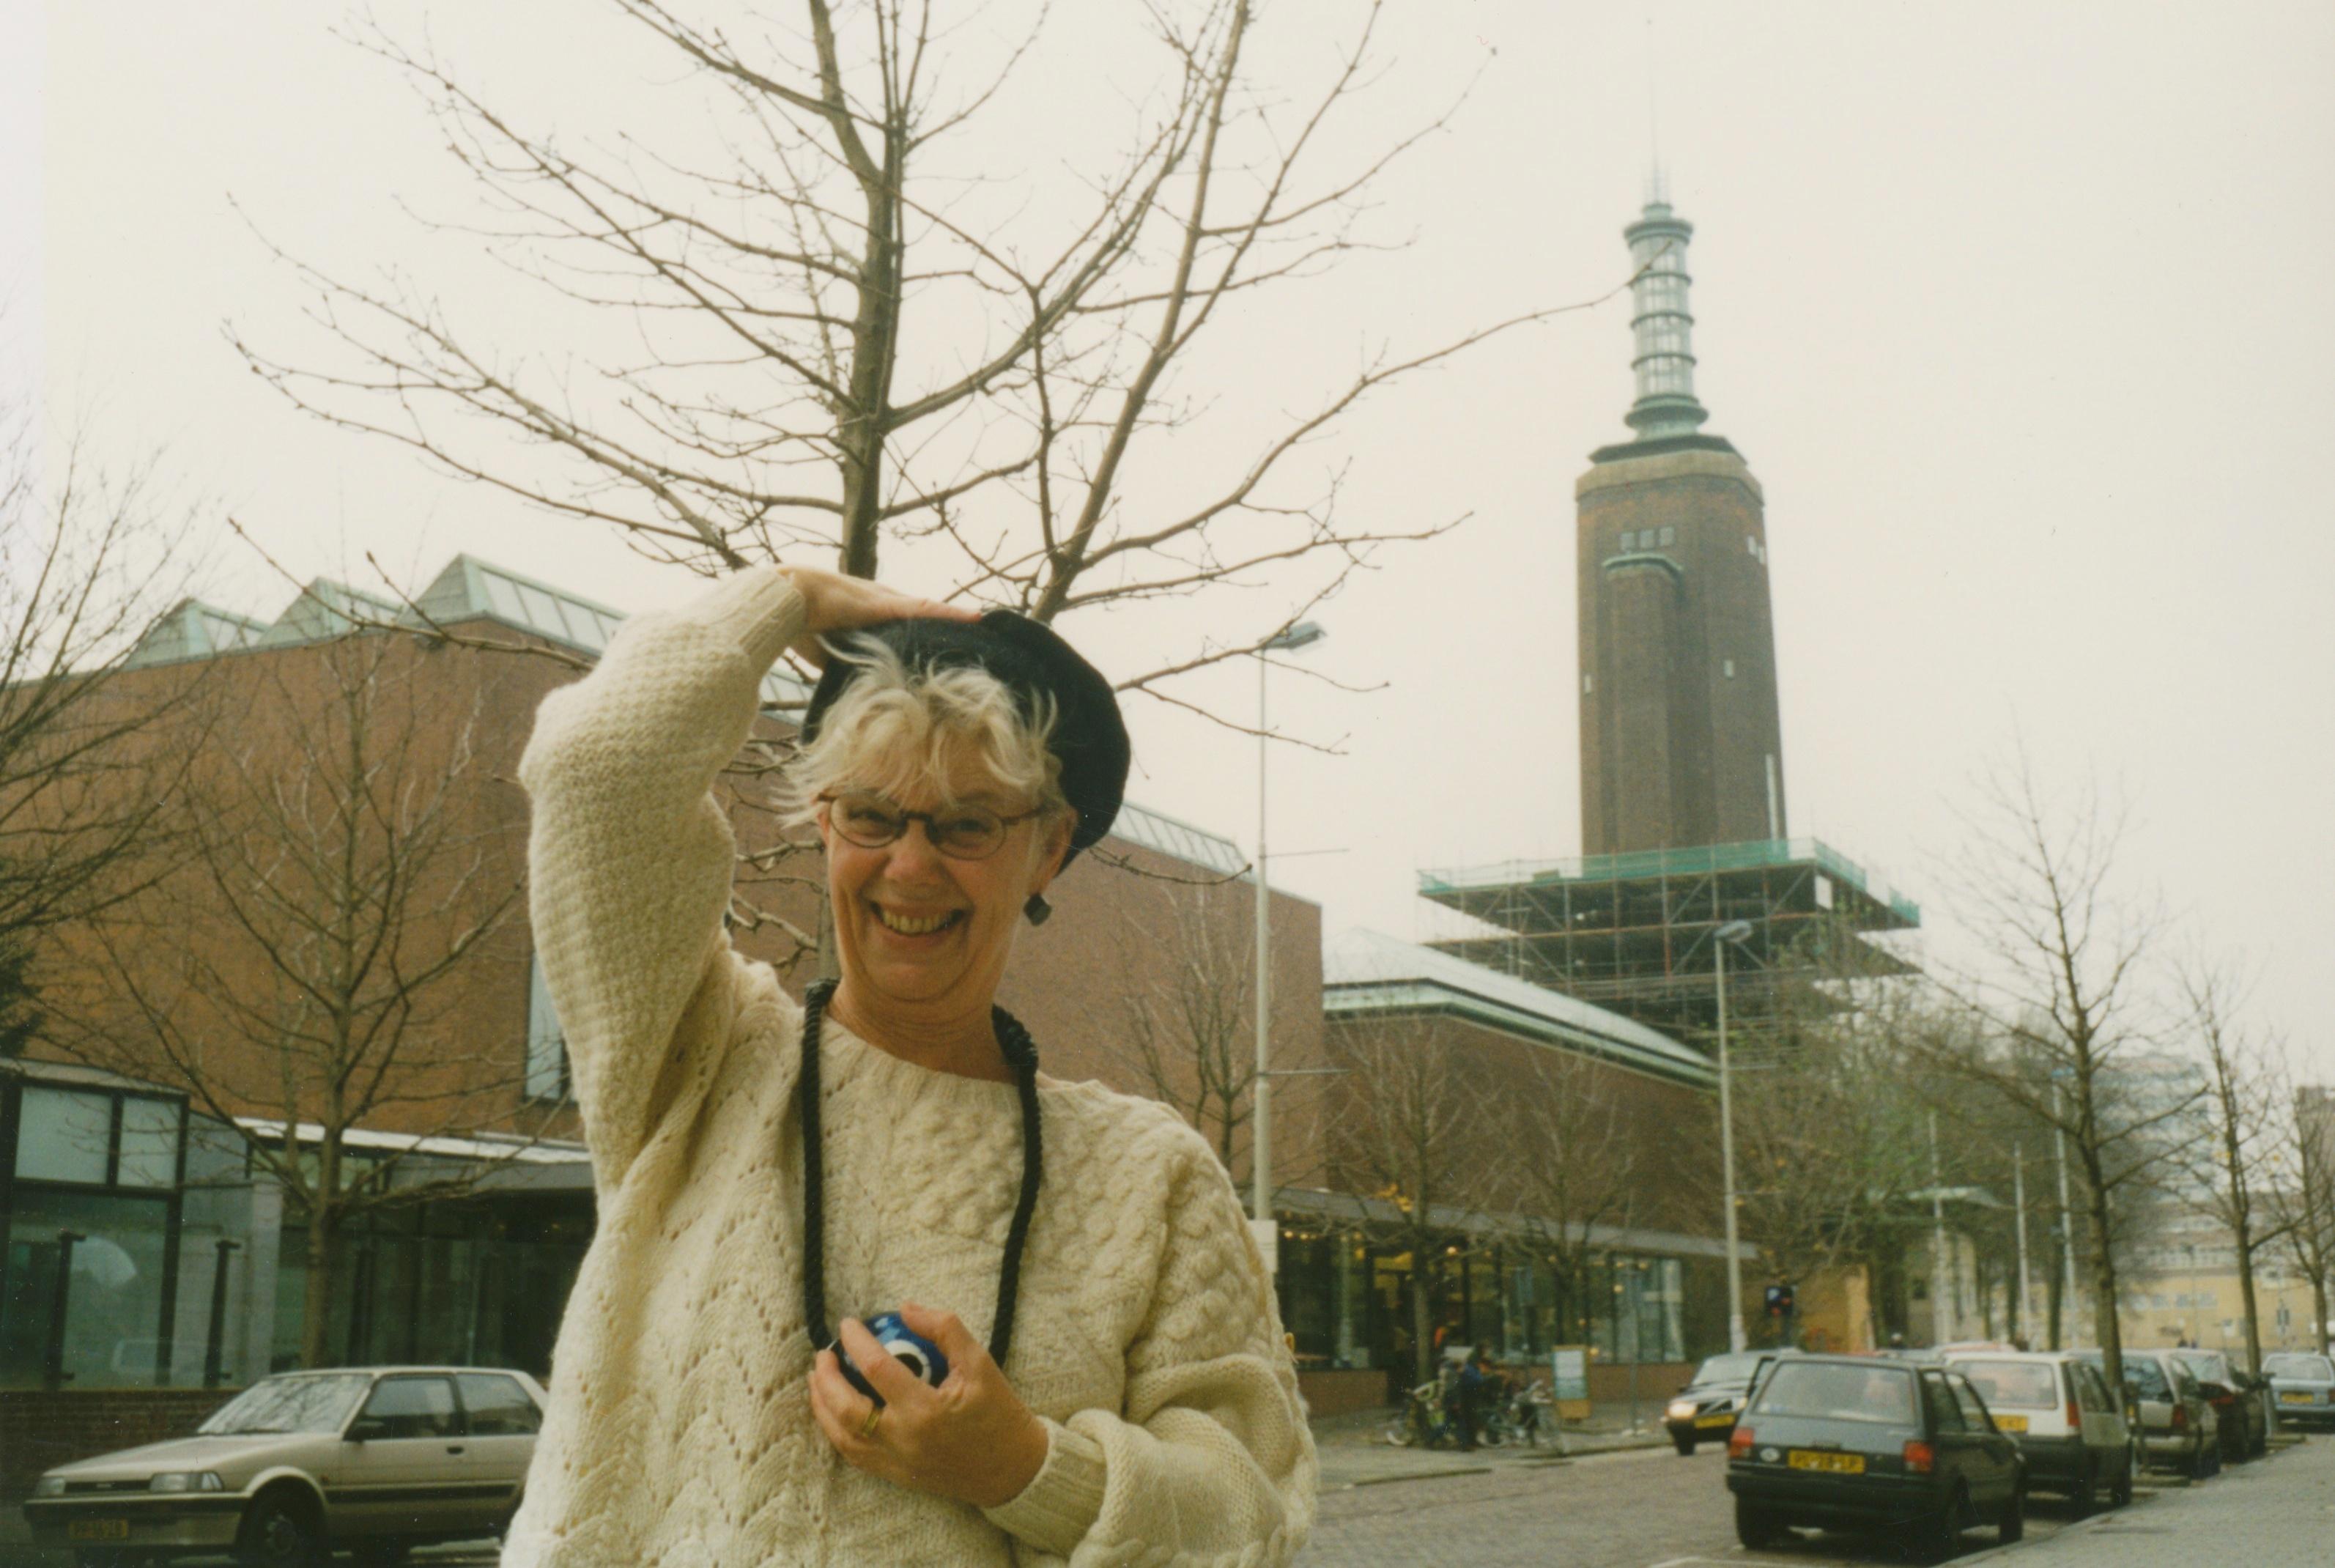 Claartje Keur, Zelfportret met halssieraad van Maria Roosen, Rotterdam, Museum Boijmans van Beuningen, 6 december 1997. Foto Claartje Keur